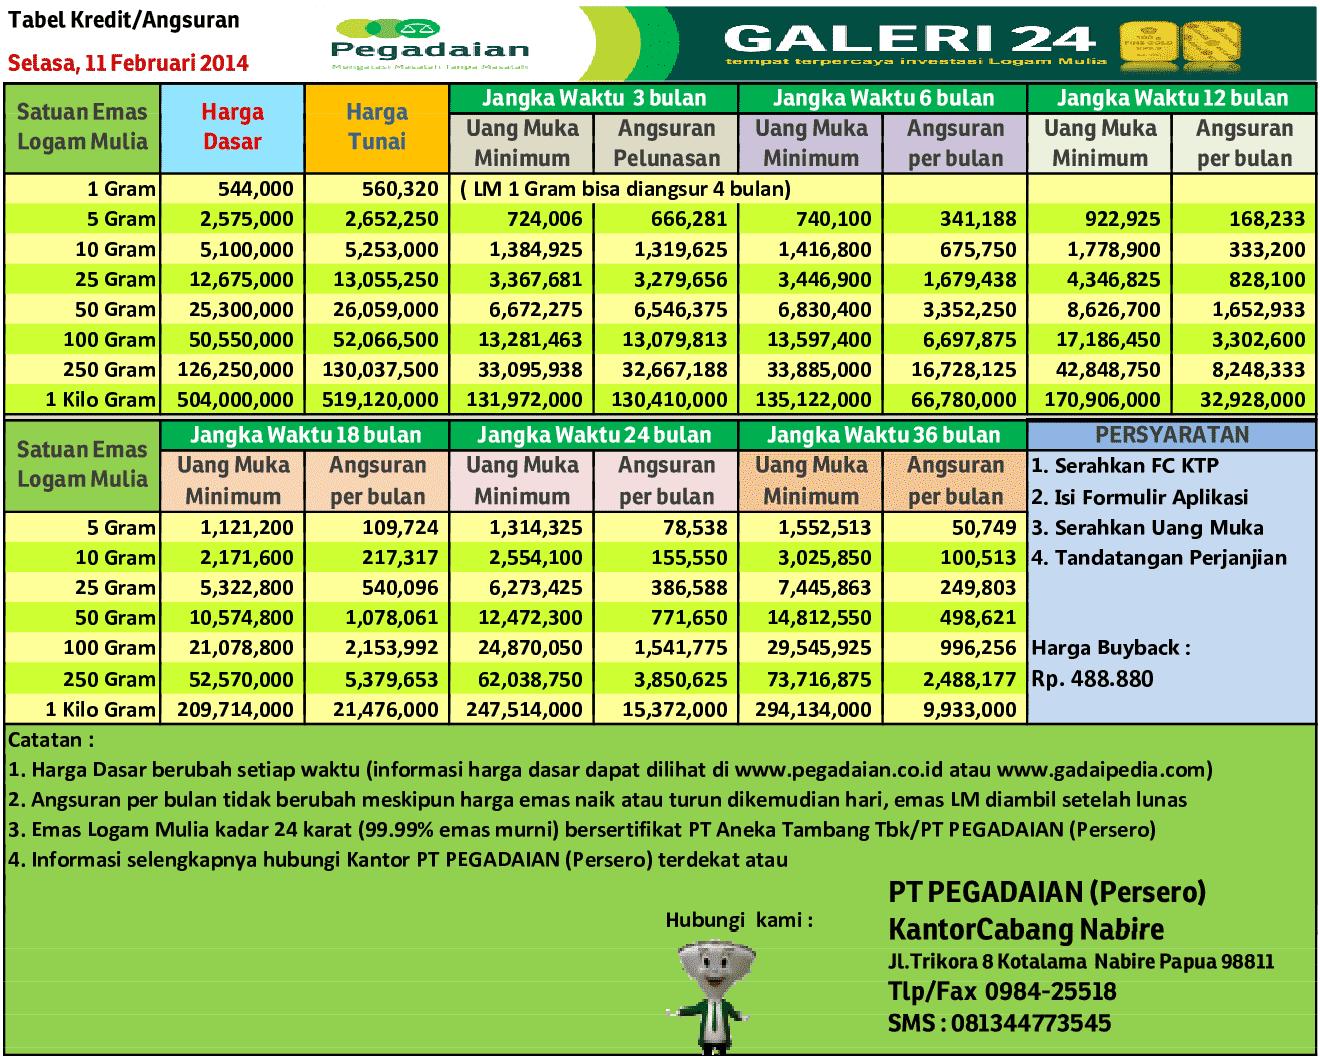 harga emas dan tabel kredit emas pegadaian 11 februari 2014